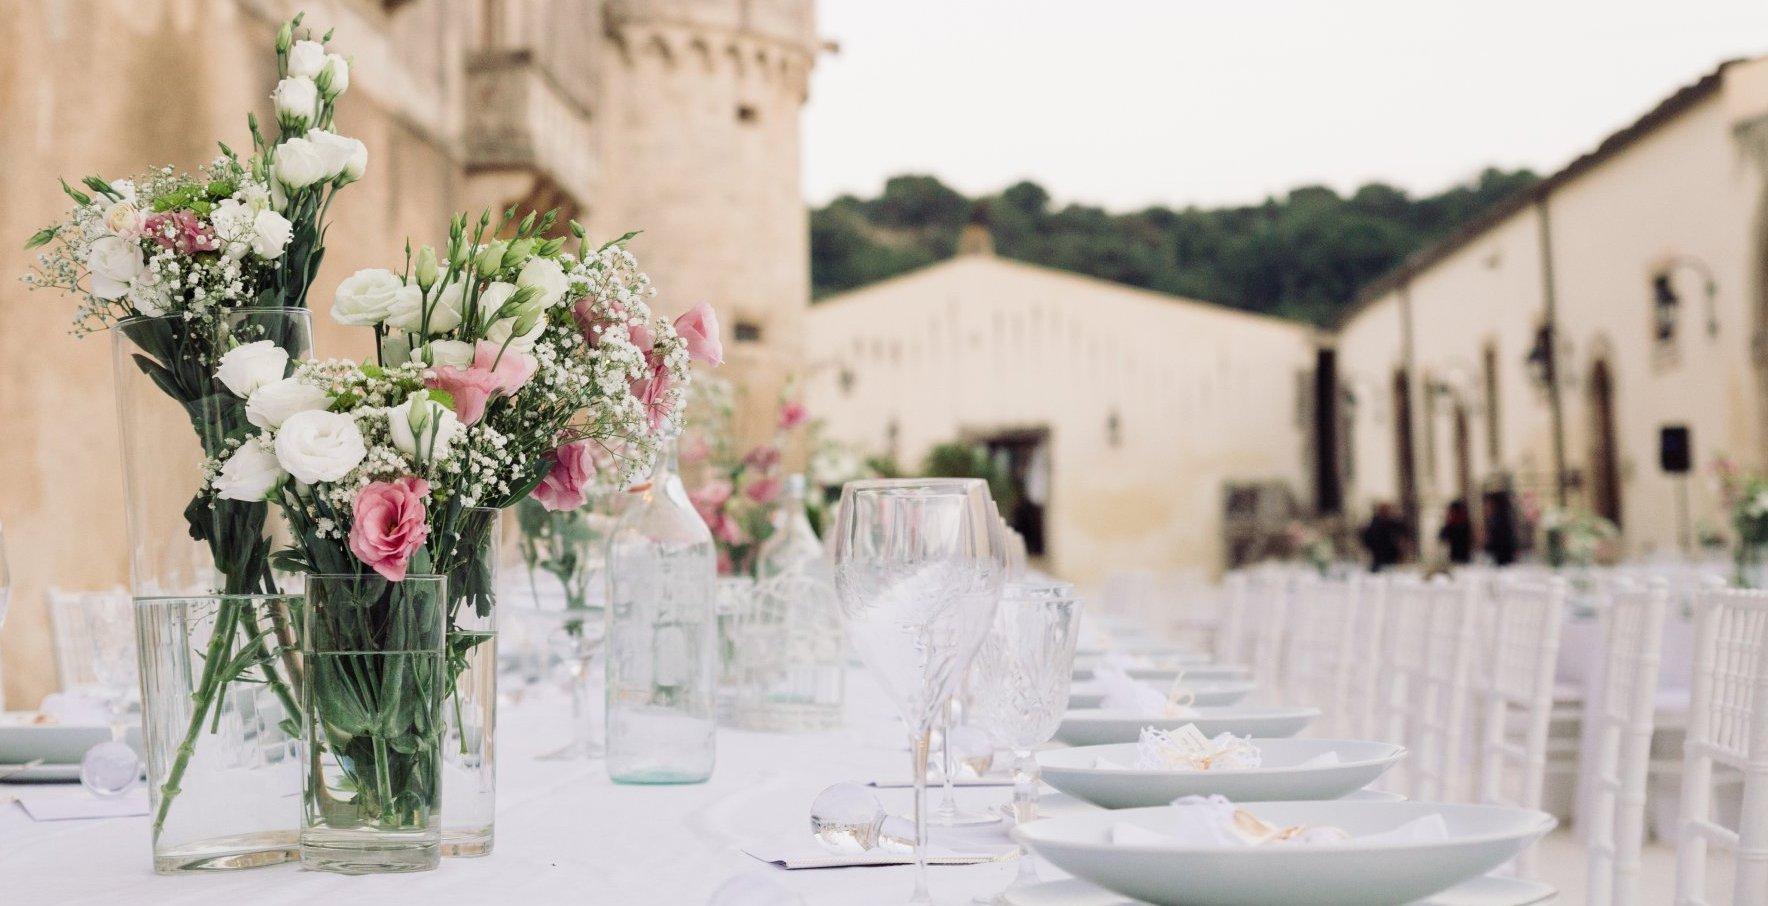 Baglio delle torri con tavoli e fiori